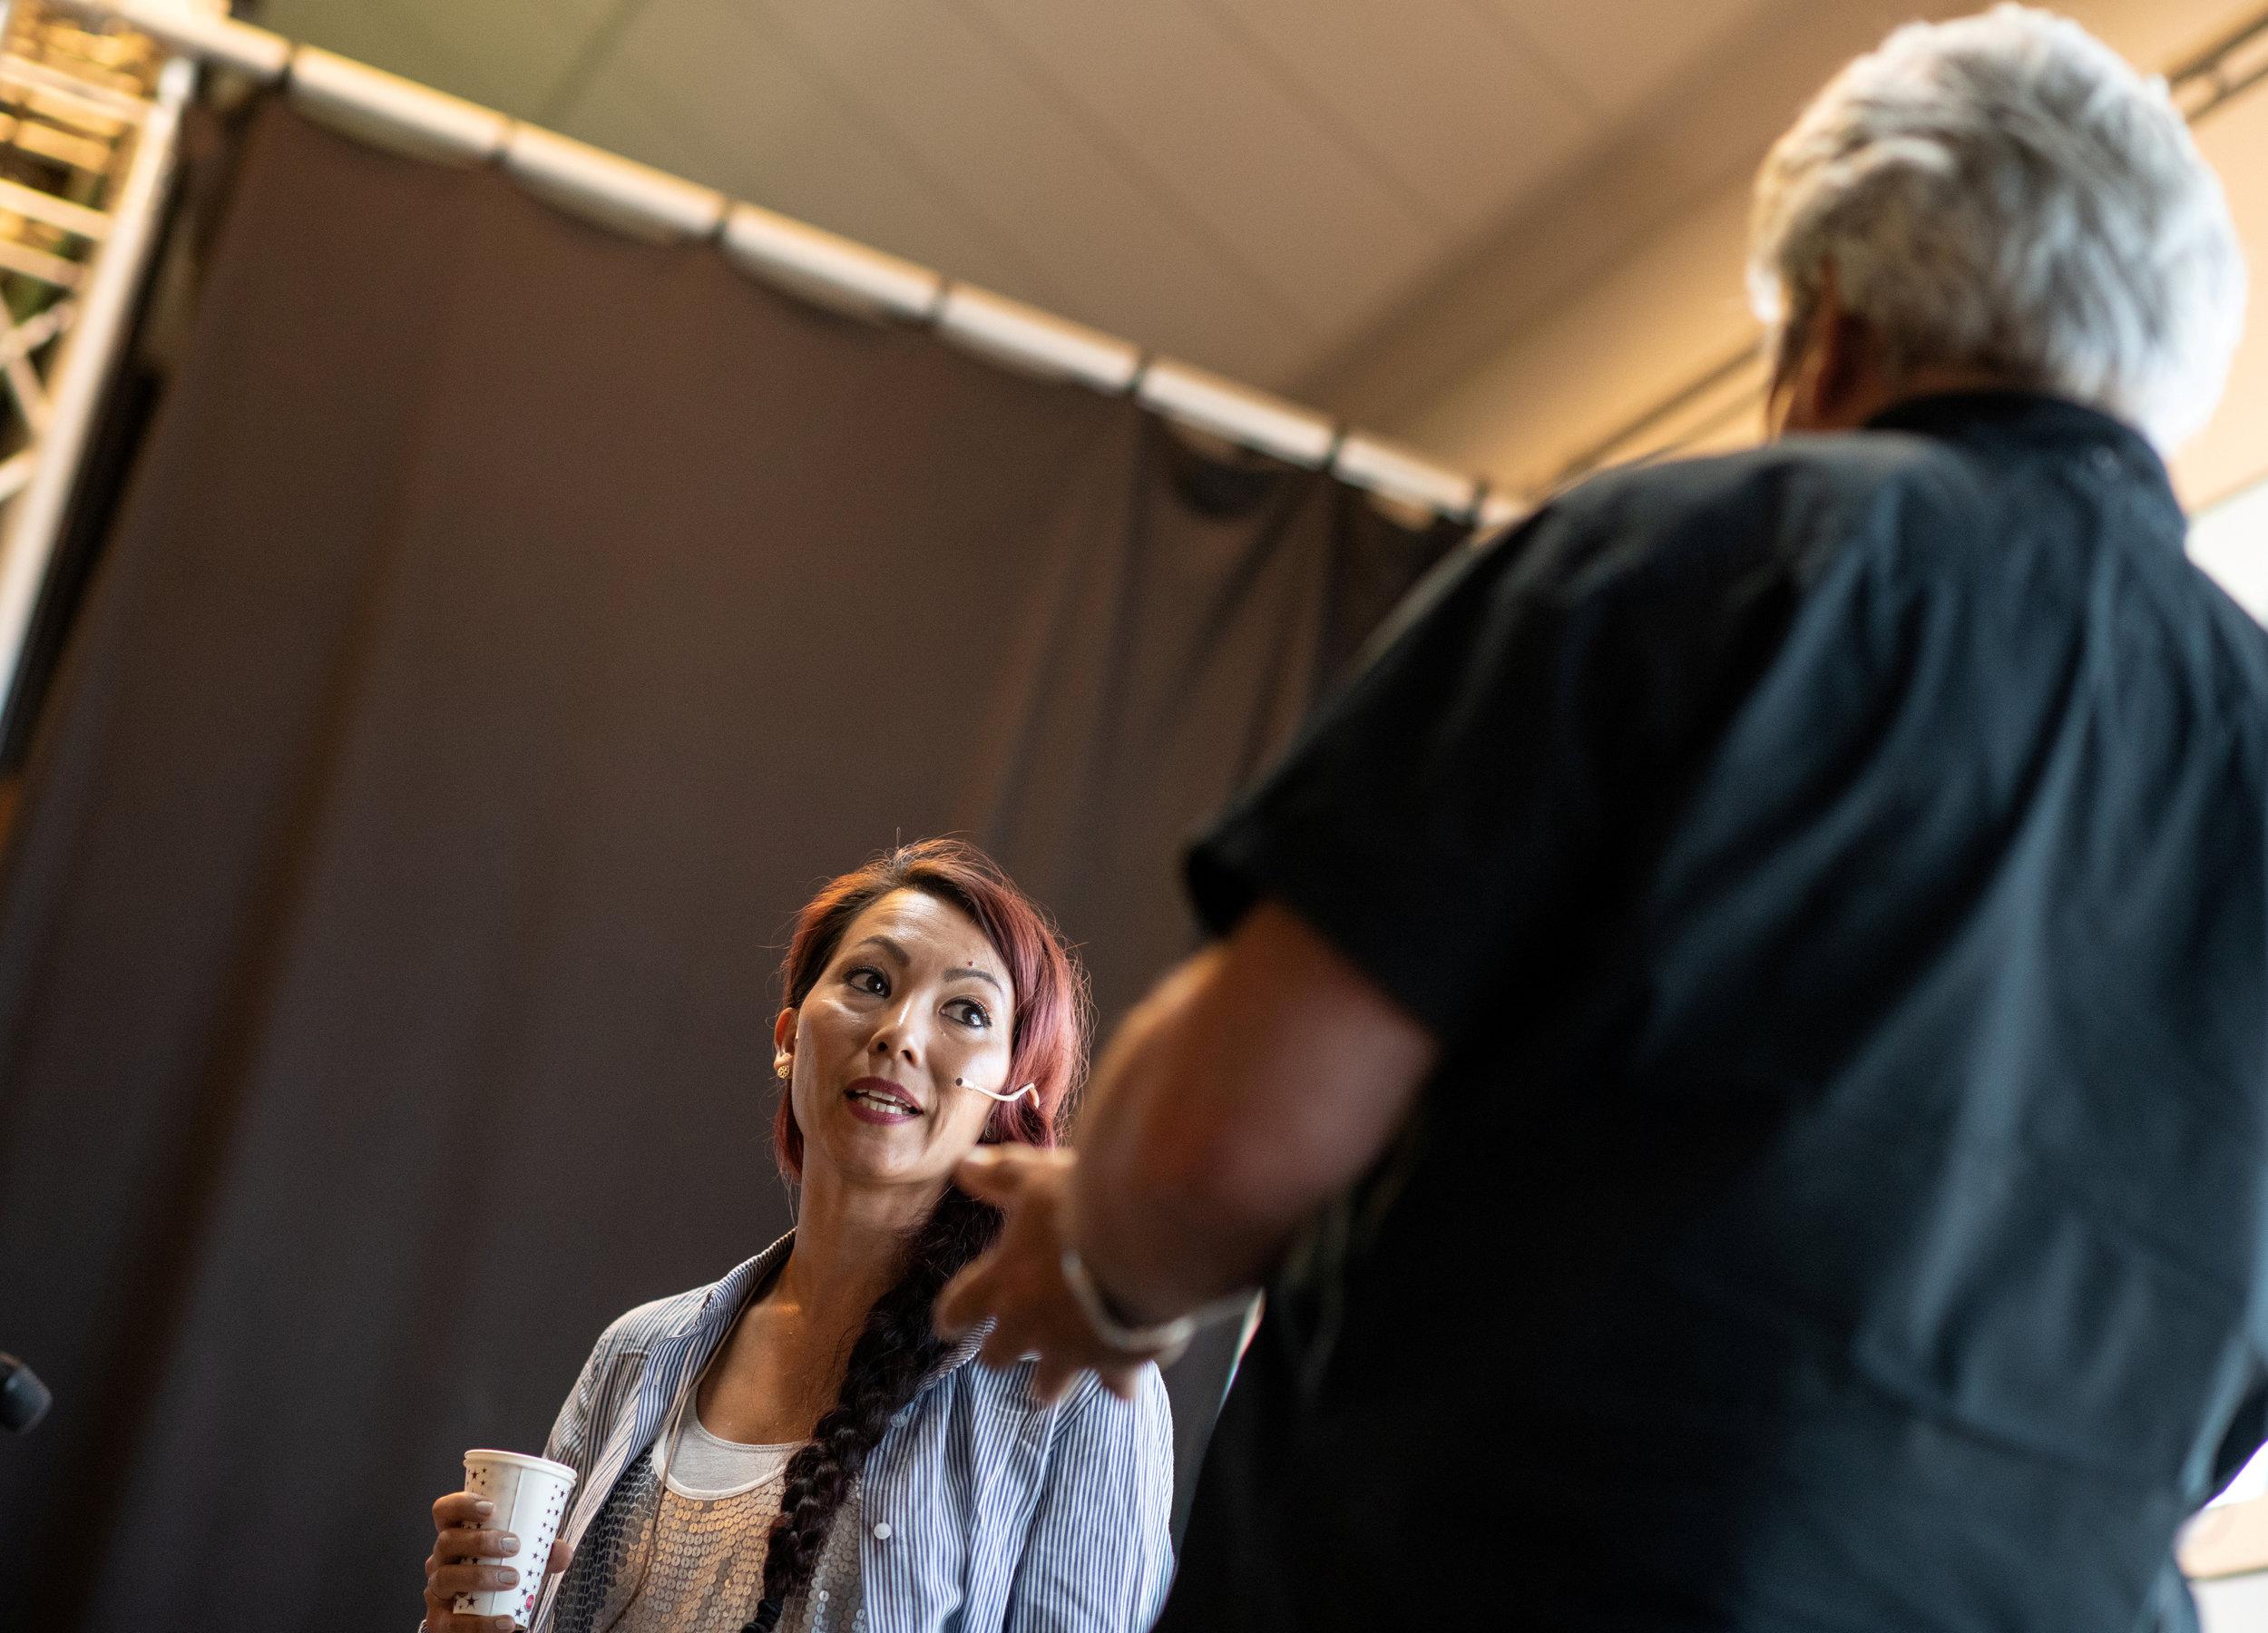 Belinda Braza var invitert for å snakke om erfaringer fra møter med elever gjennom sine forestillinger og workshops i DKS.